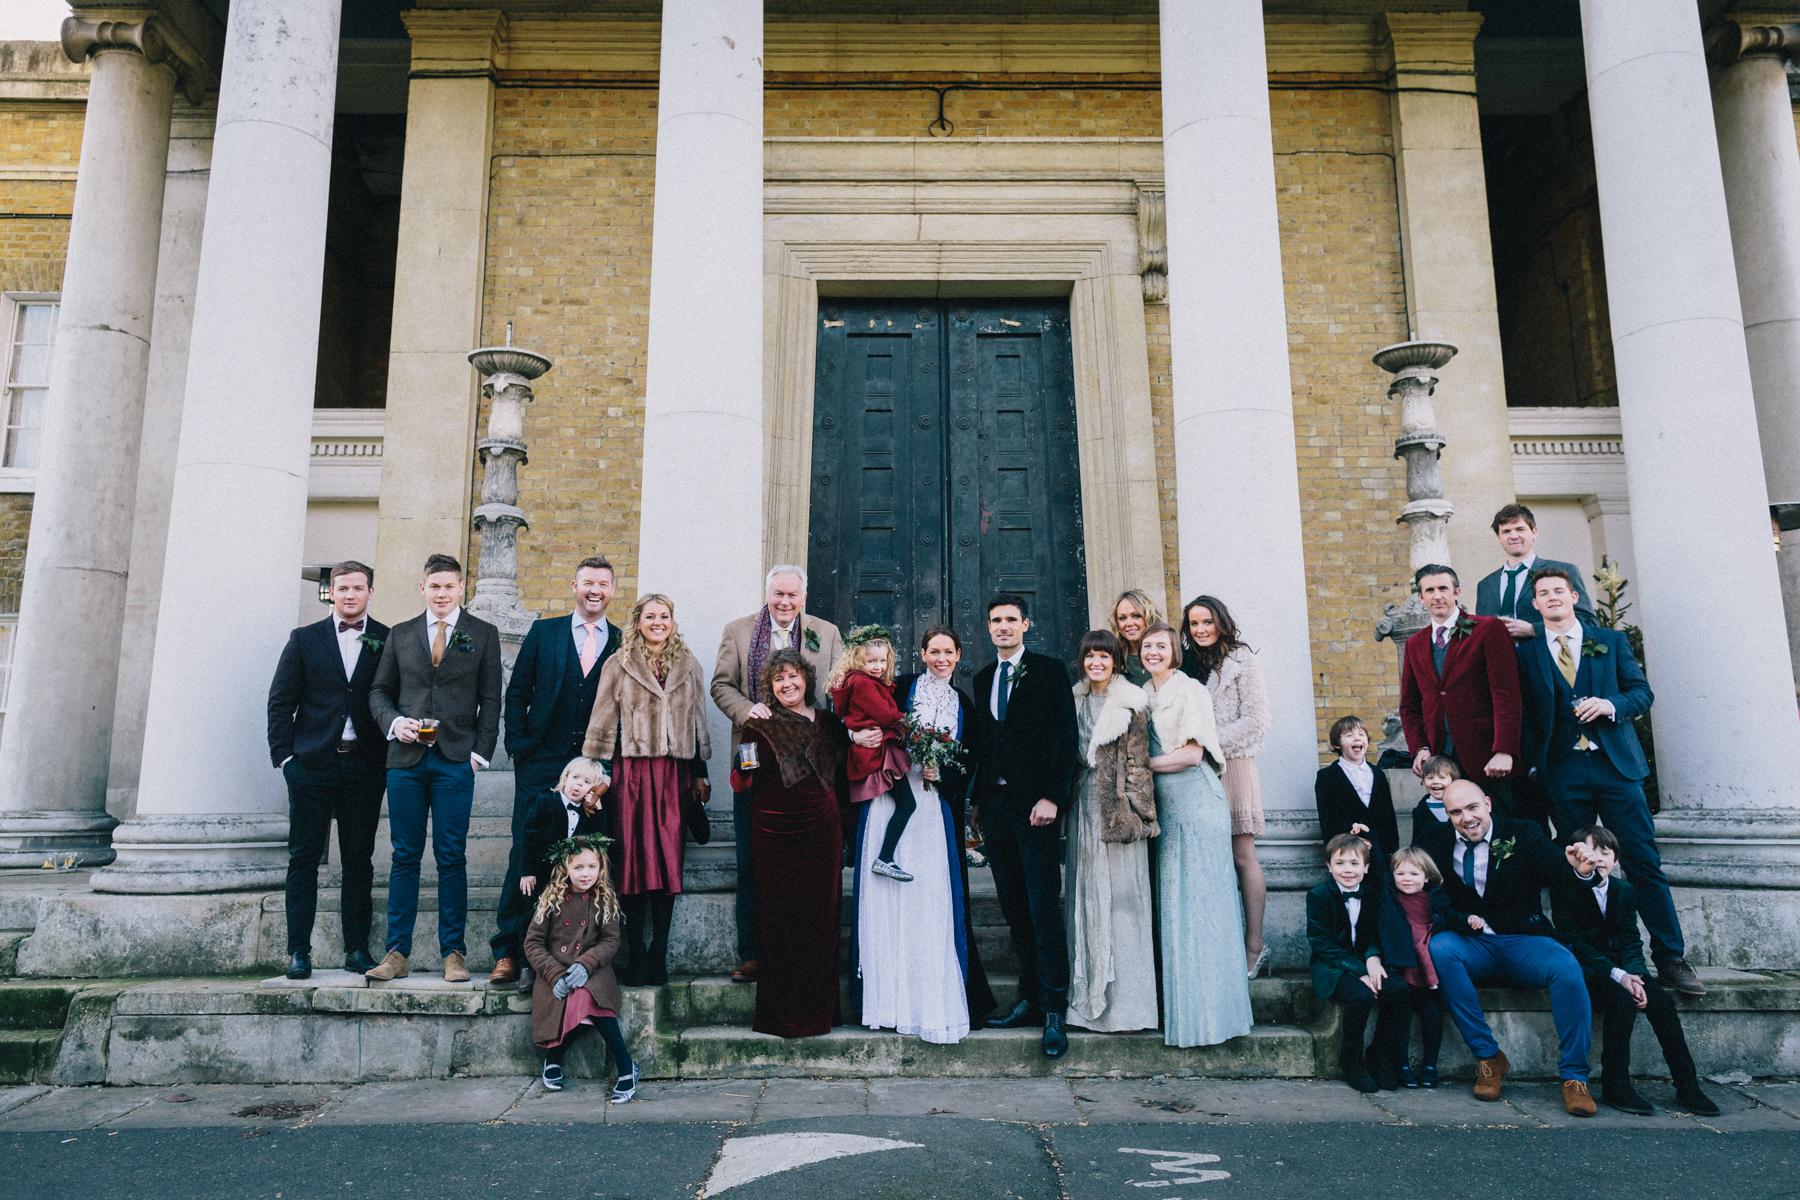 ASYLUM_WEDDING01-4